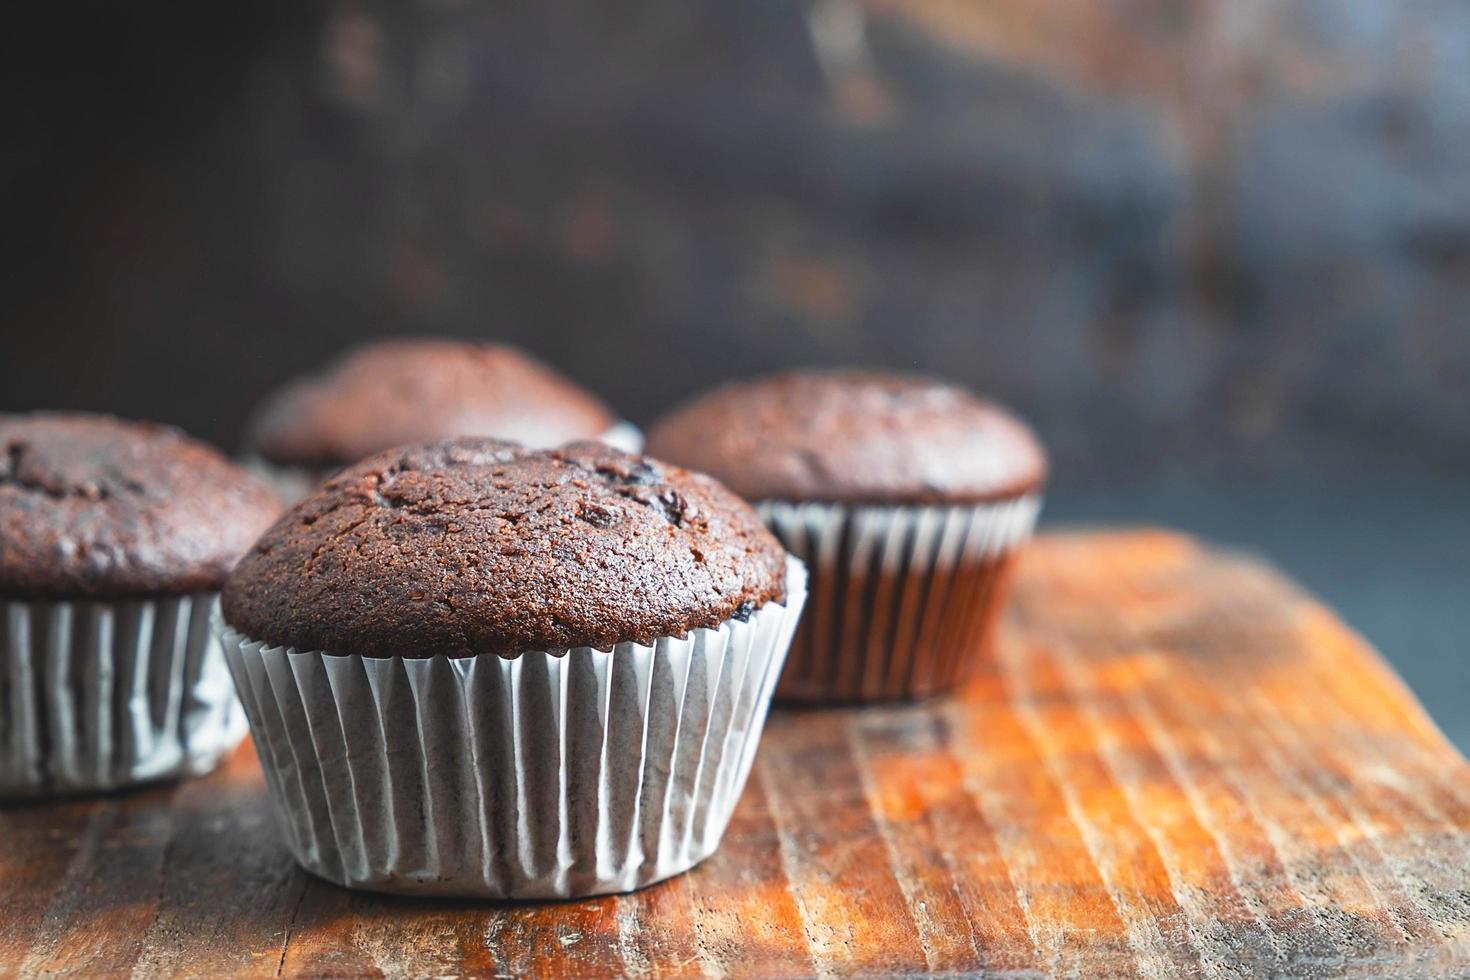 Petits gâteaux au chocolat sur fond de bois photo